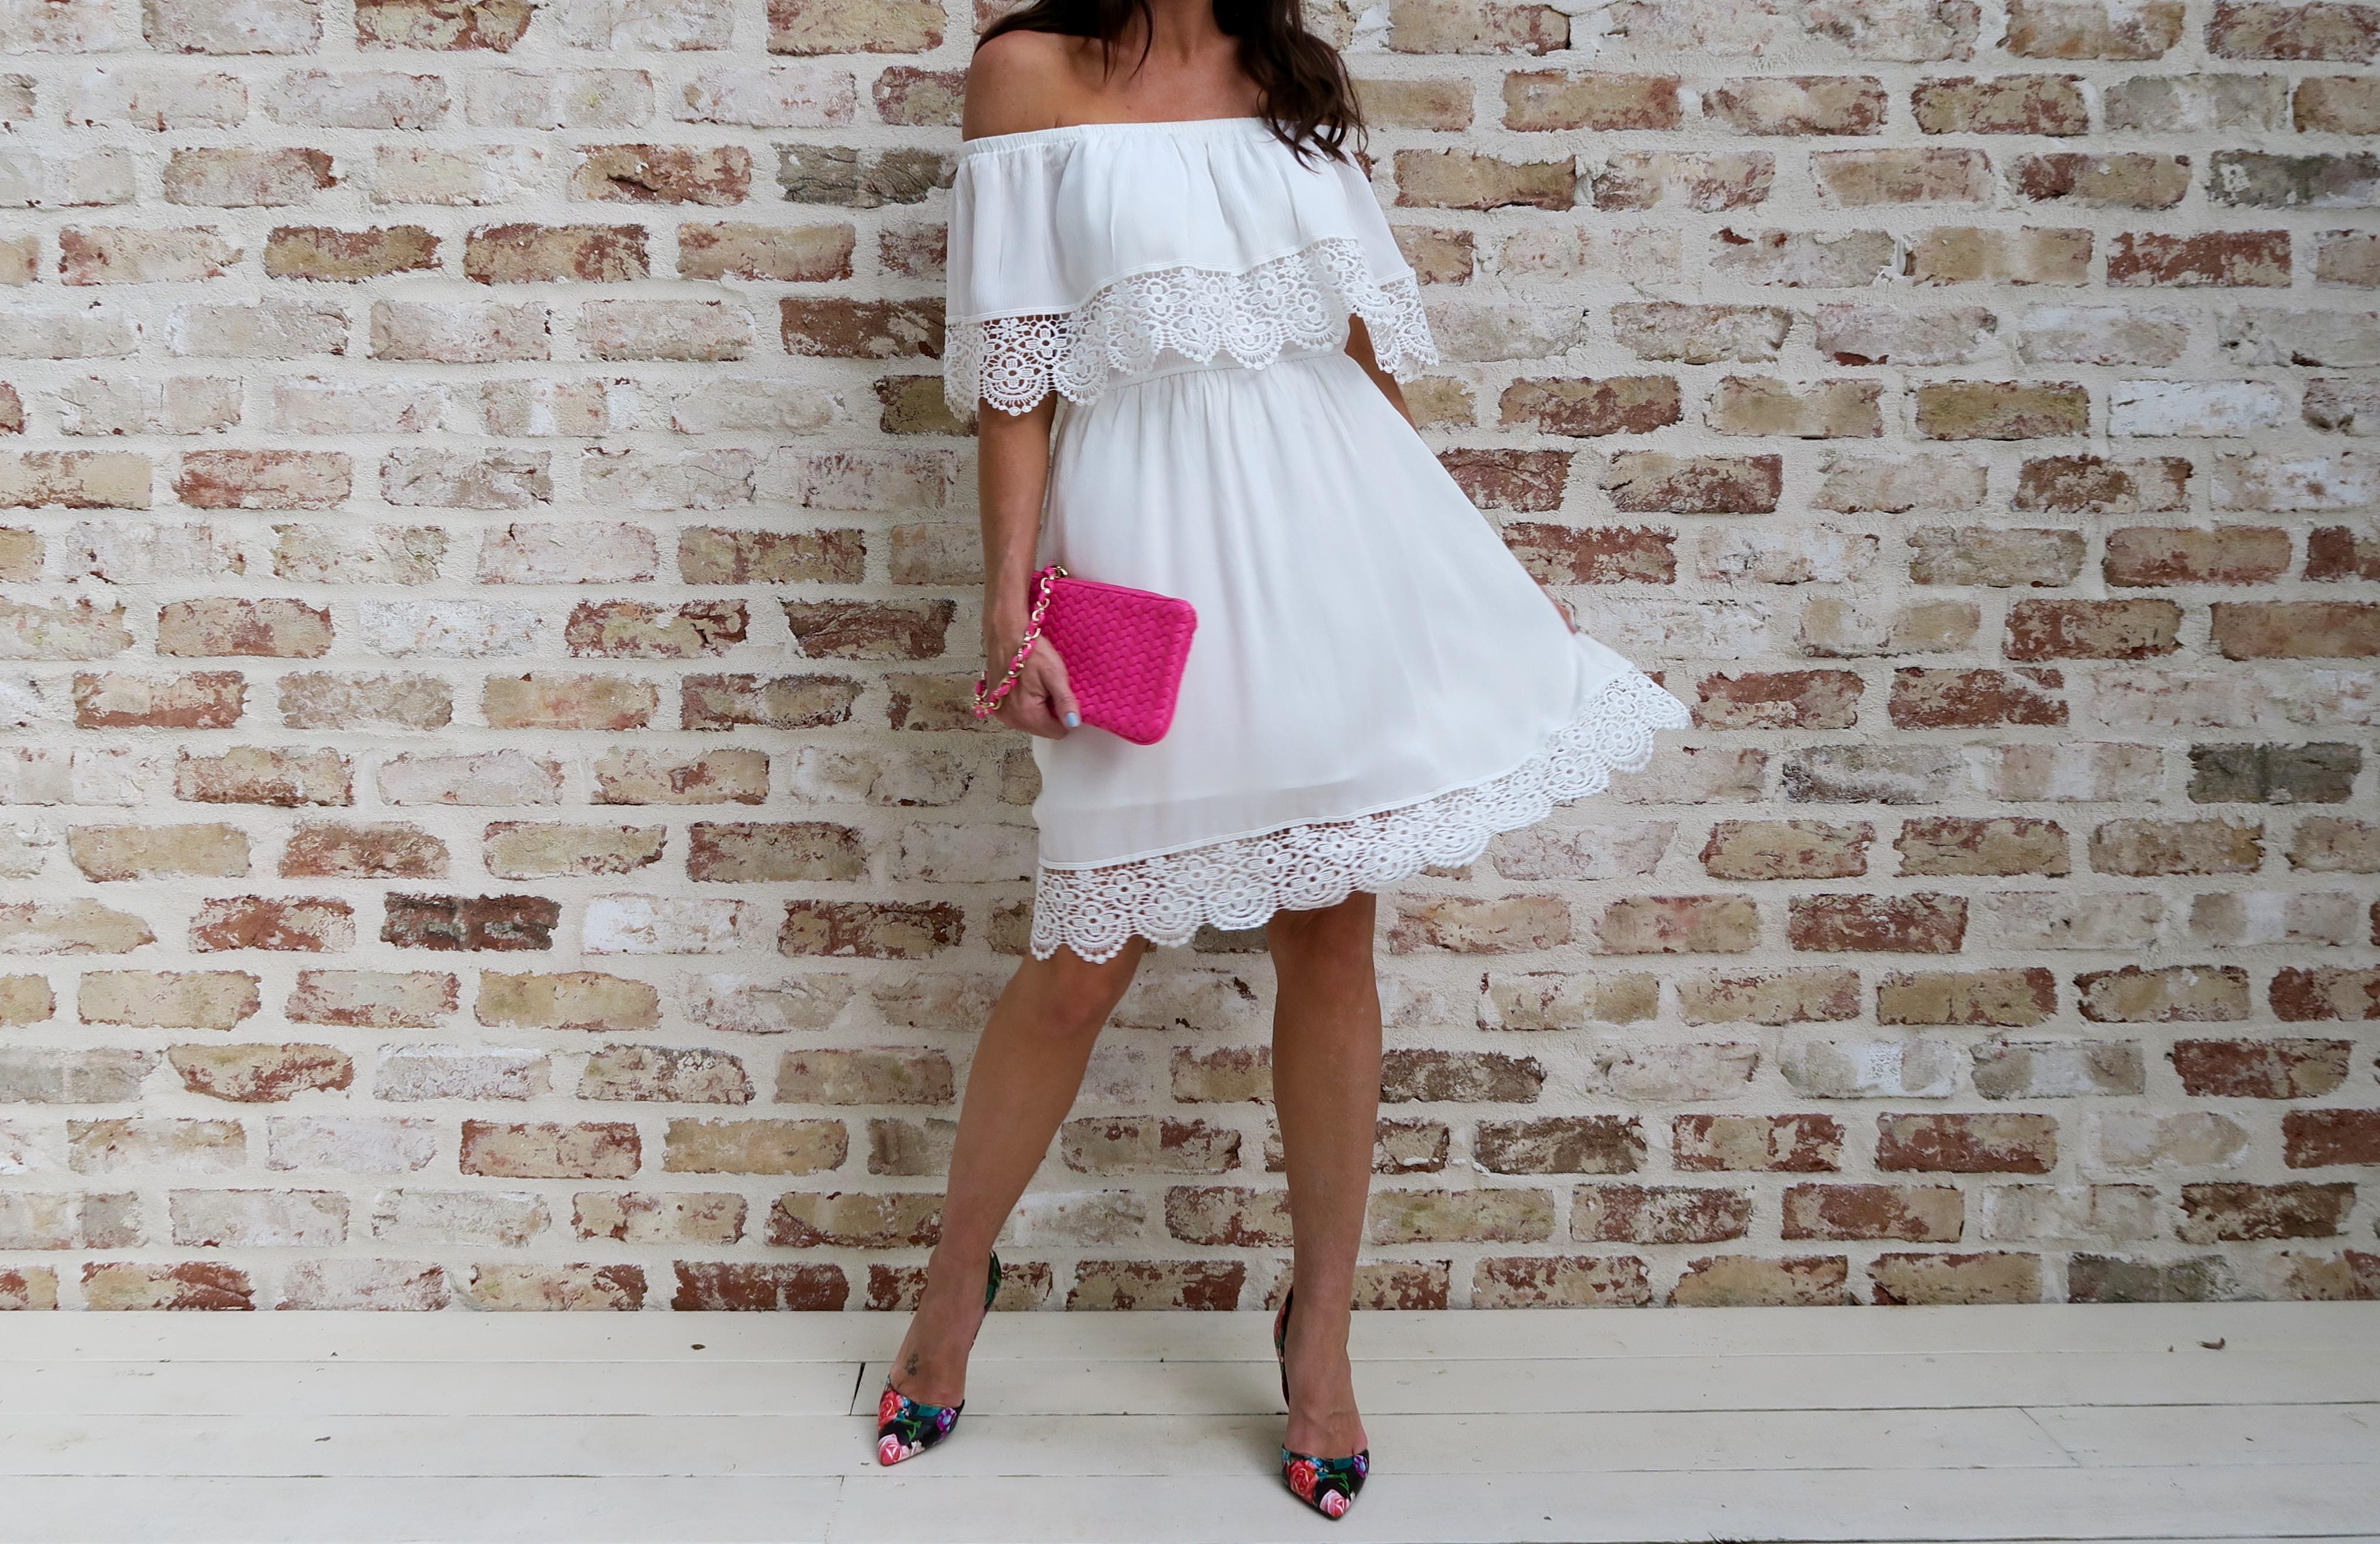 0d3d71d01ca The Little White Summer Dress. little white summer dress lace  little white summer dresses little white summer dress white hot makeup ...